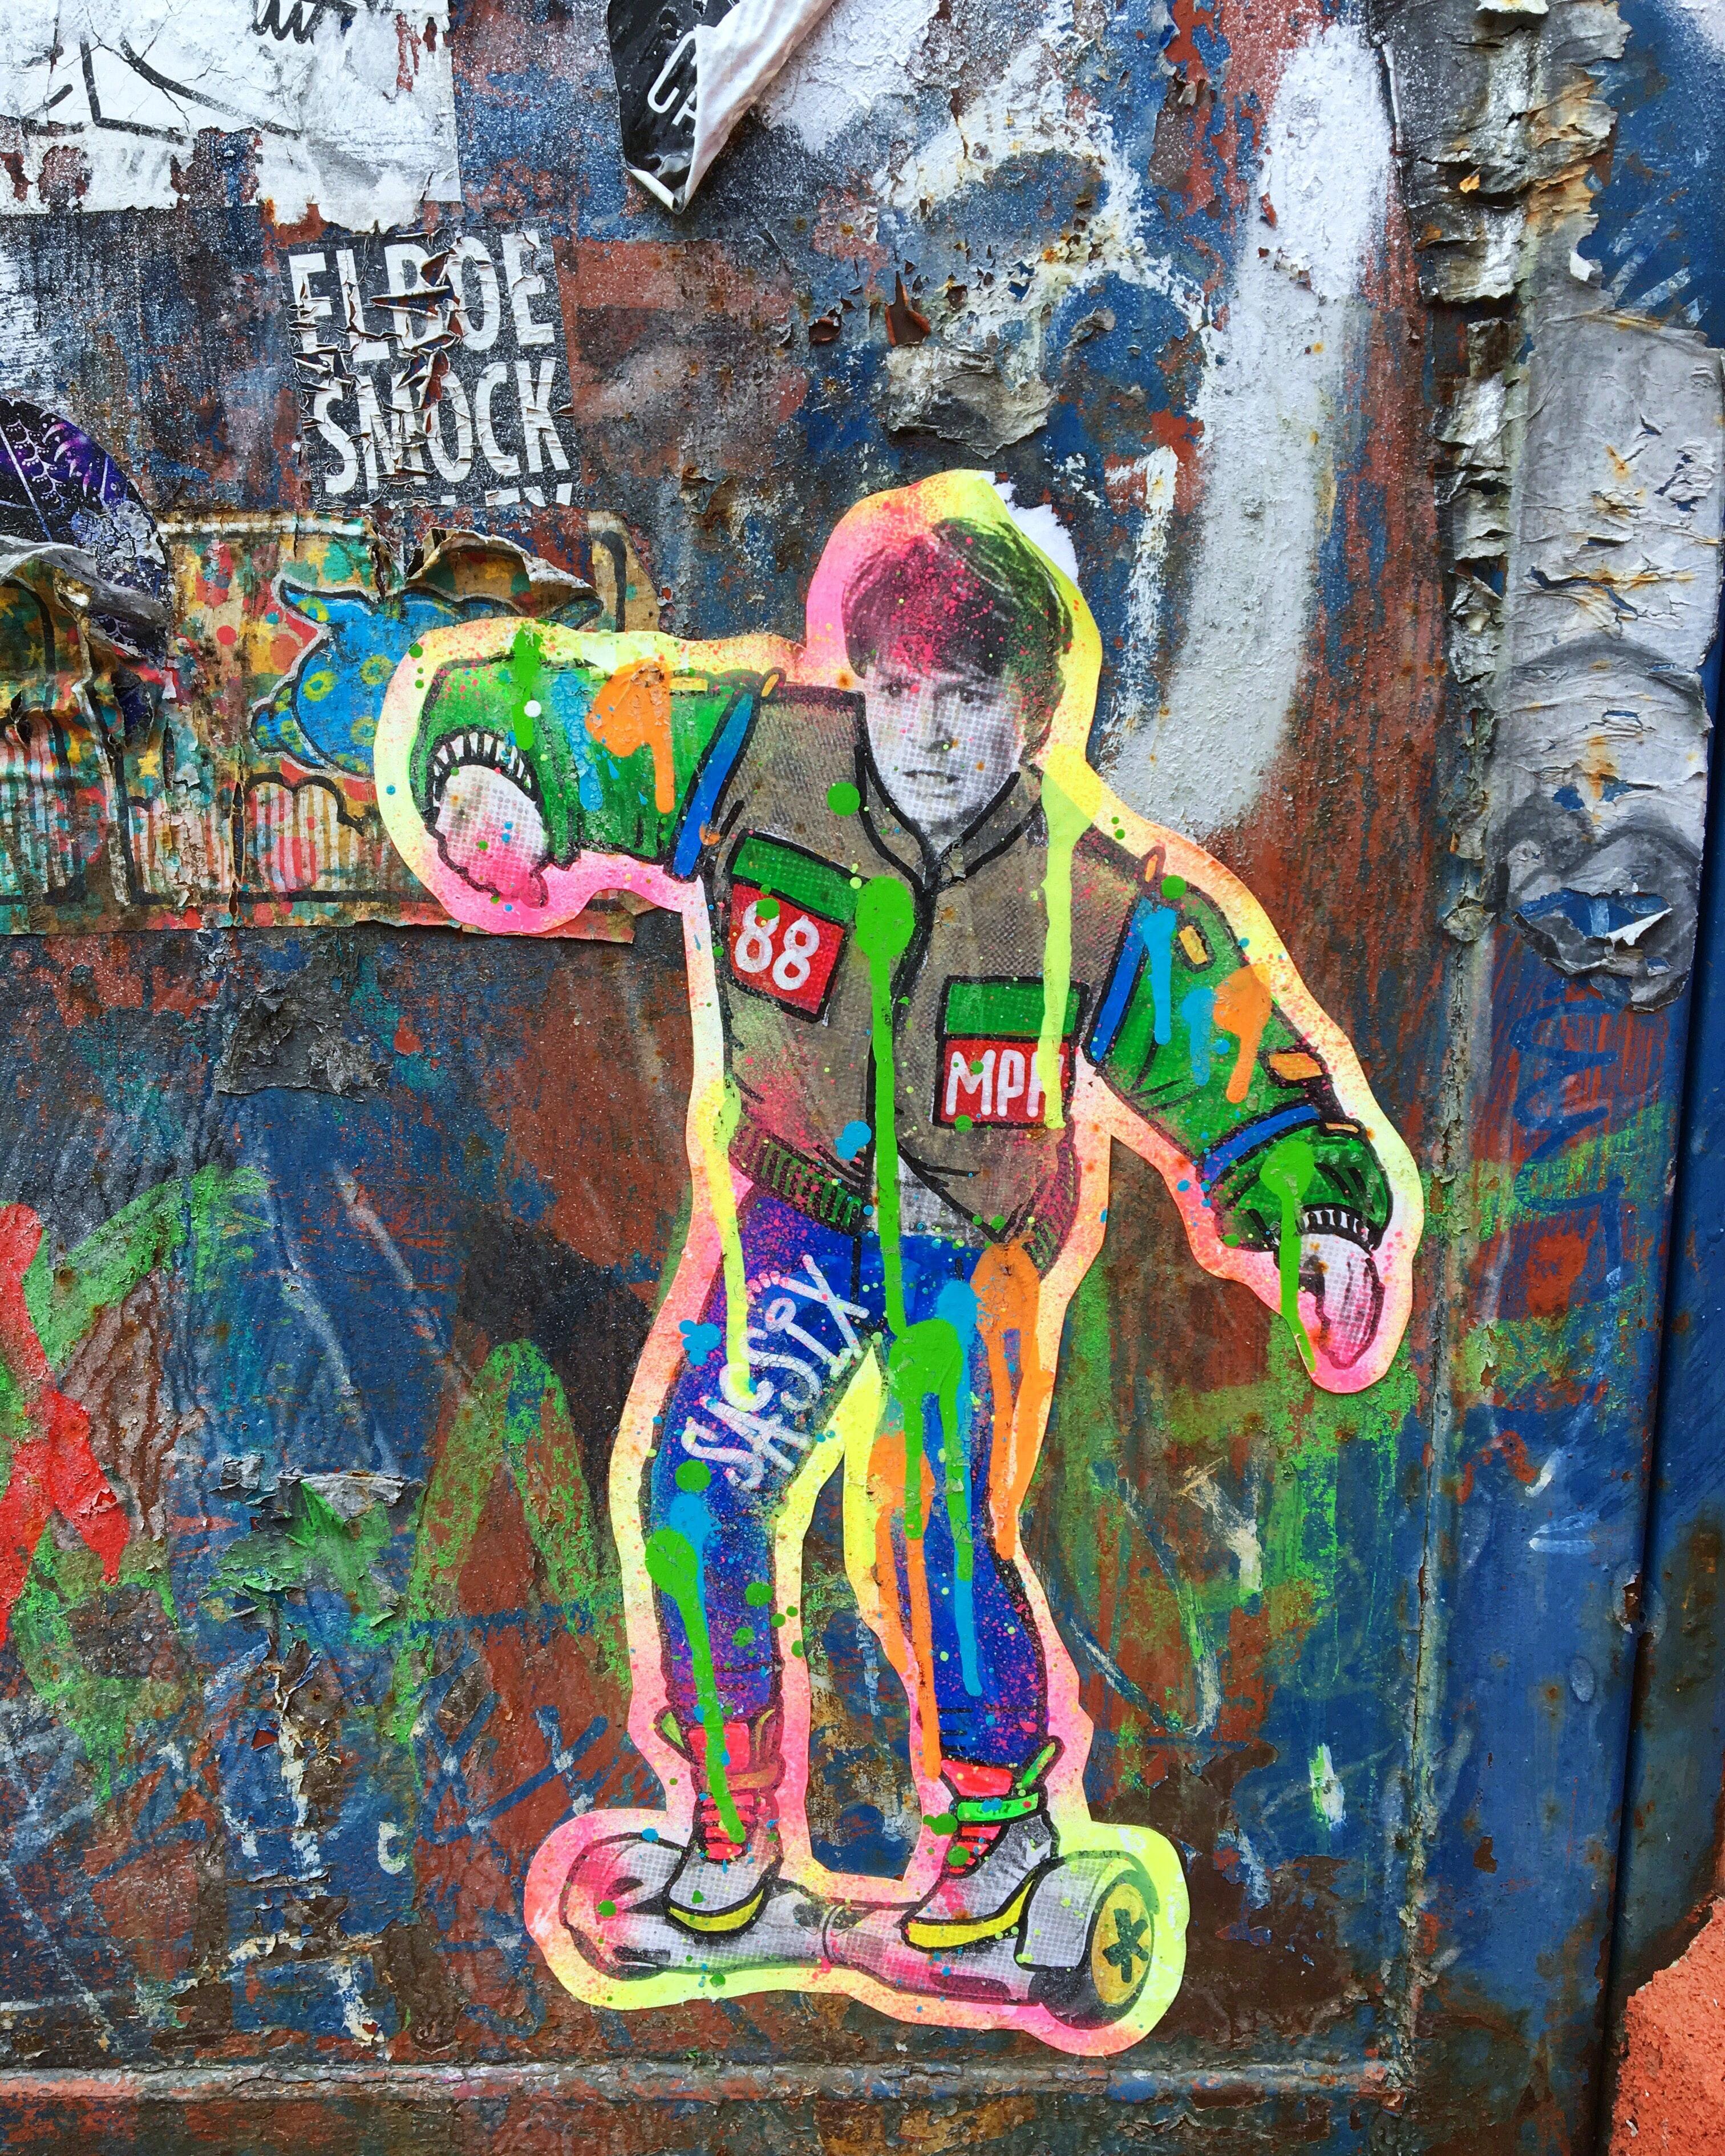 Graffiti painting of Michael J. Fox